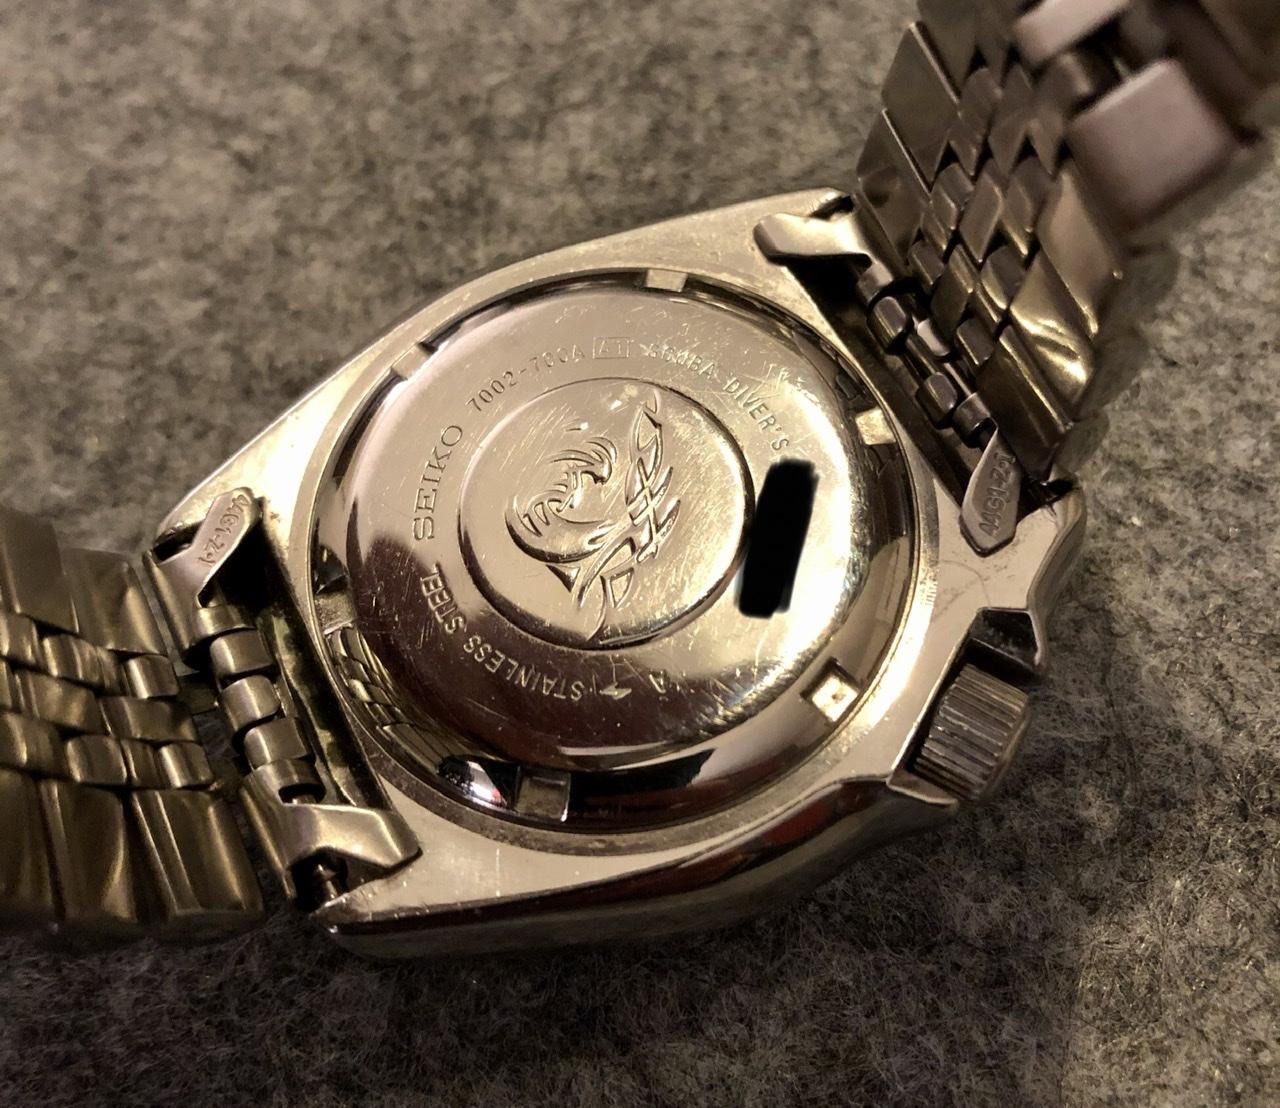 C98D377A-7437-4D08-83BF-64883A76ED0C.jpeg